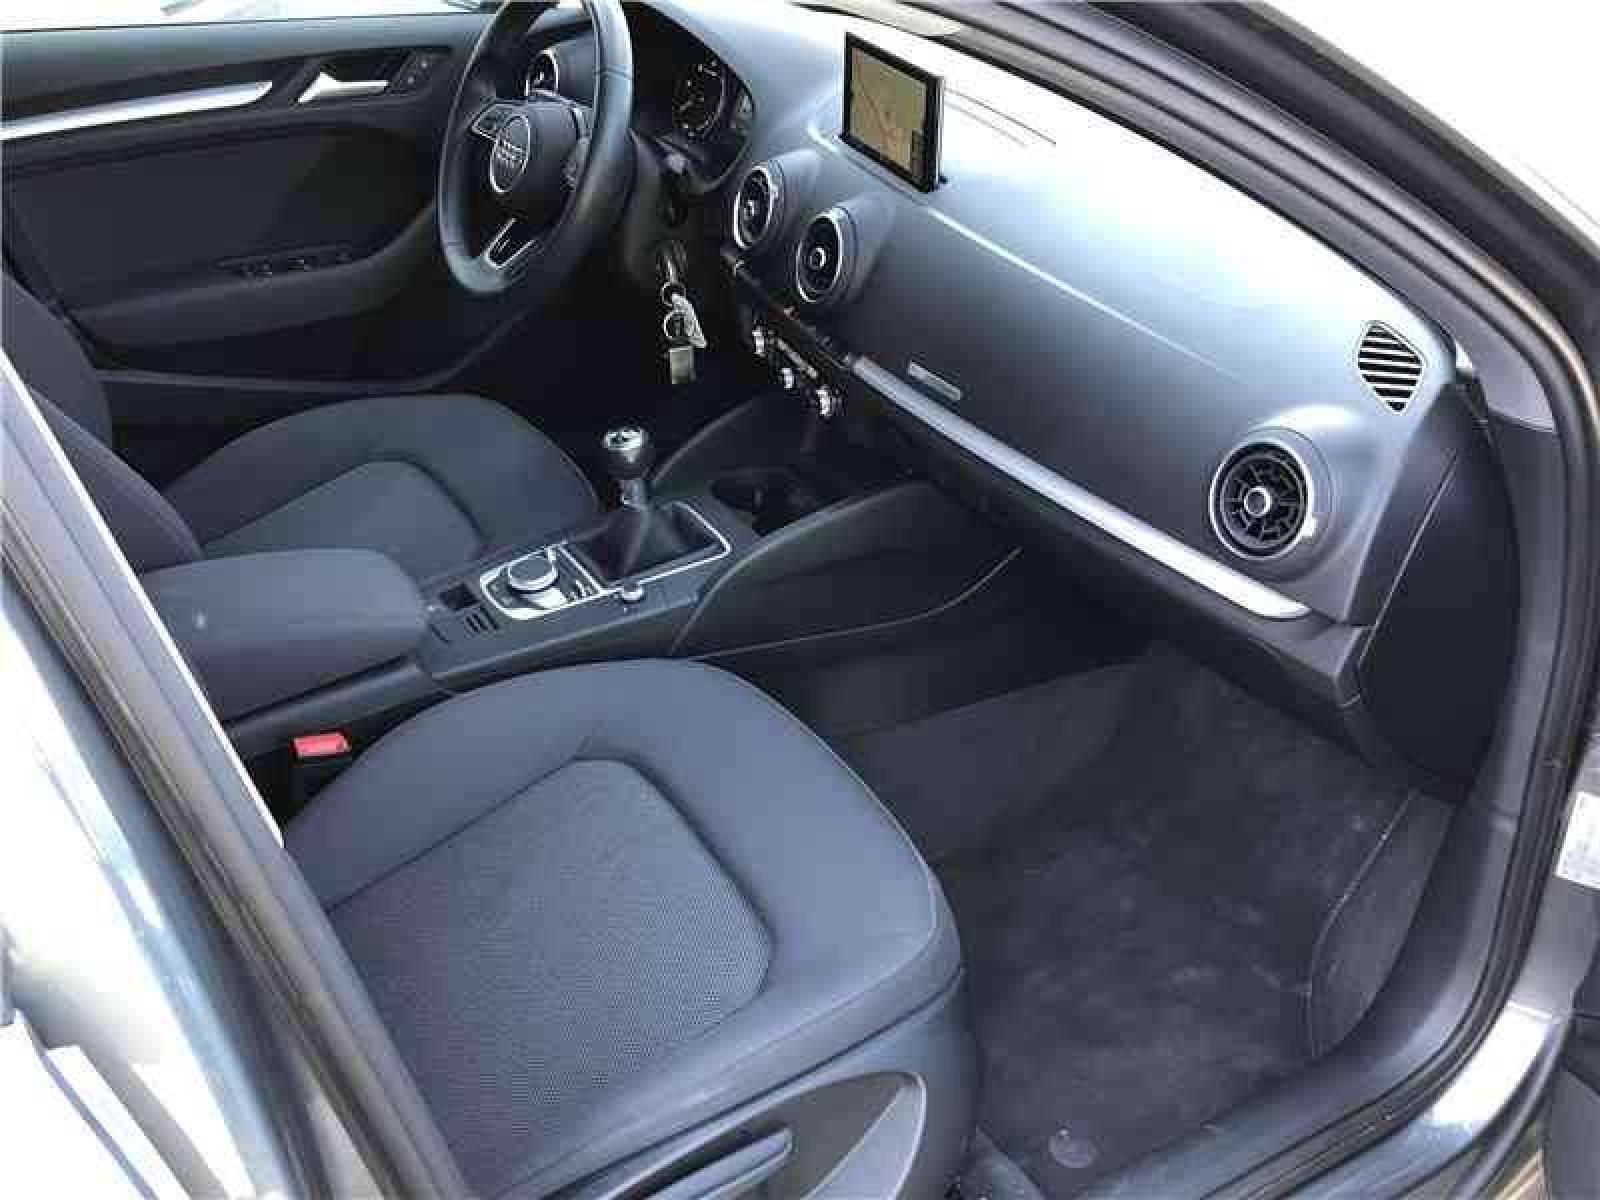 AUDI A3 Sportback 1.6 TDI 110 - véhicule d'occasion - LEMAUVIEL AUTOMOBILES - Présentation site web V2 - Lemauviel automobiles - AVRANCHES - 50300 - LE VAL-SAINT-PÈRE - 2